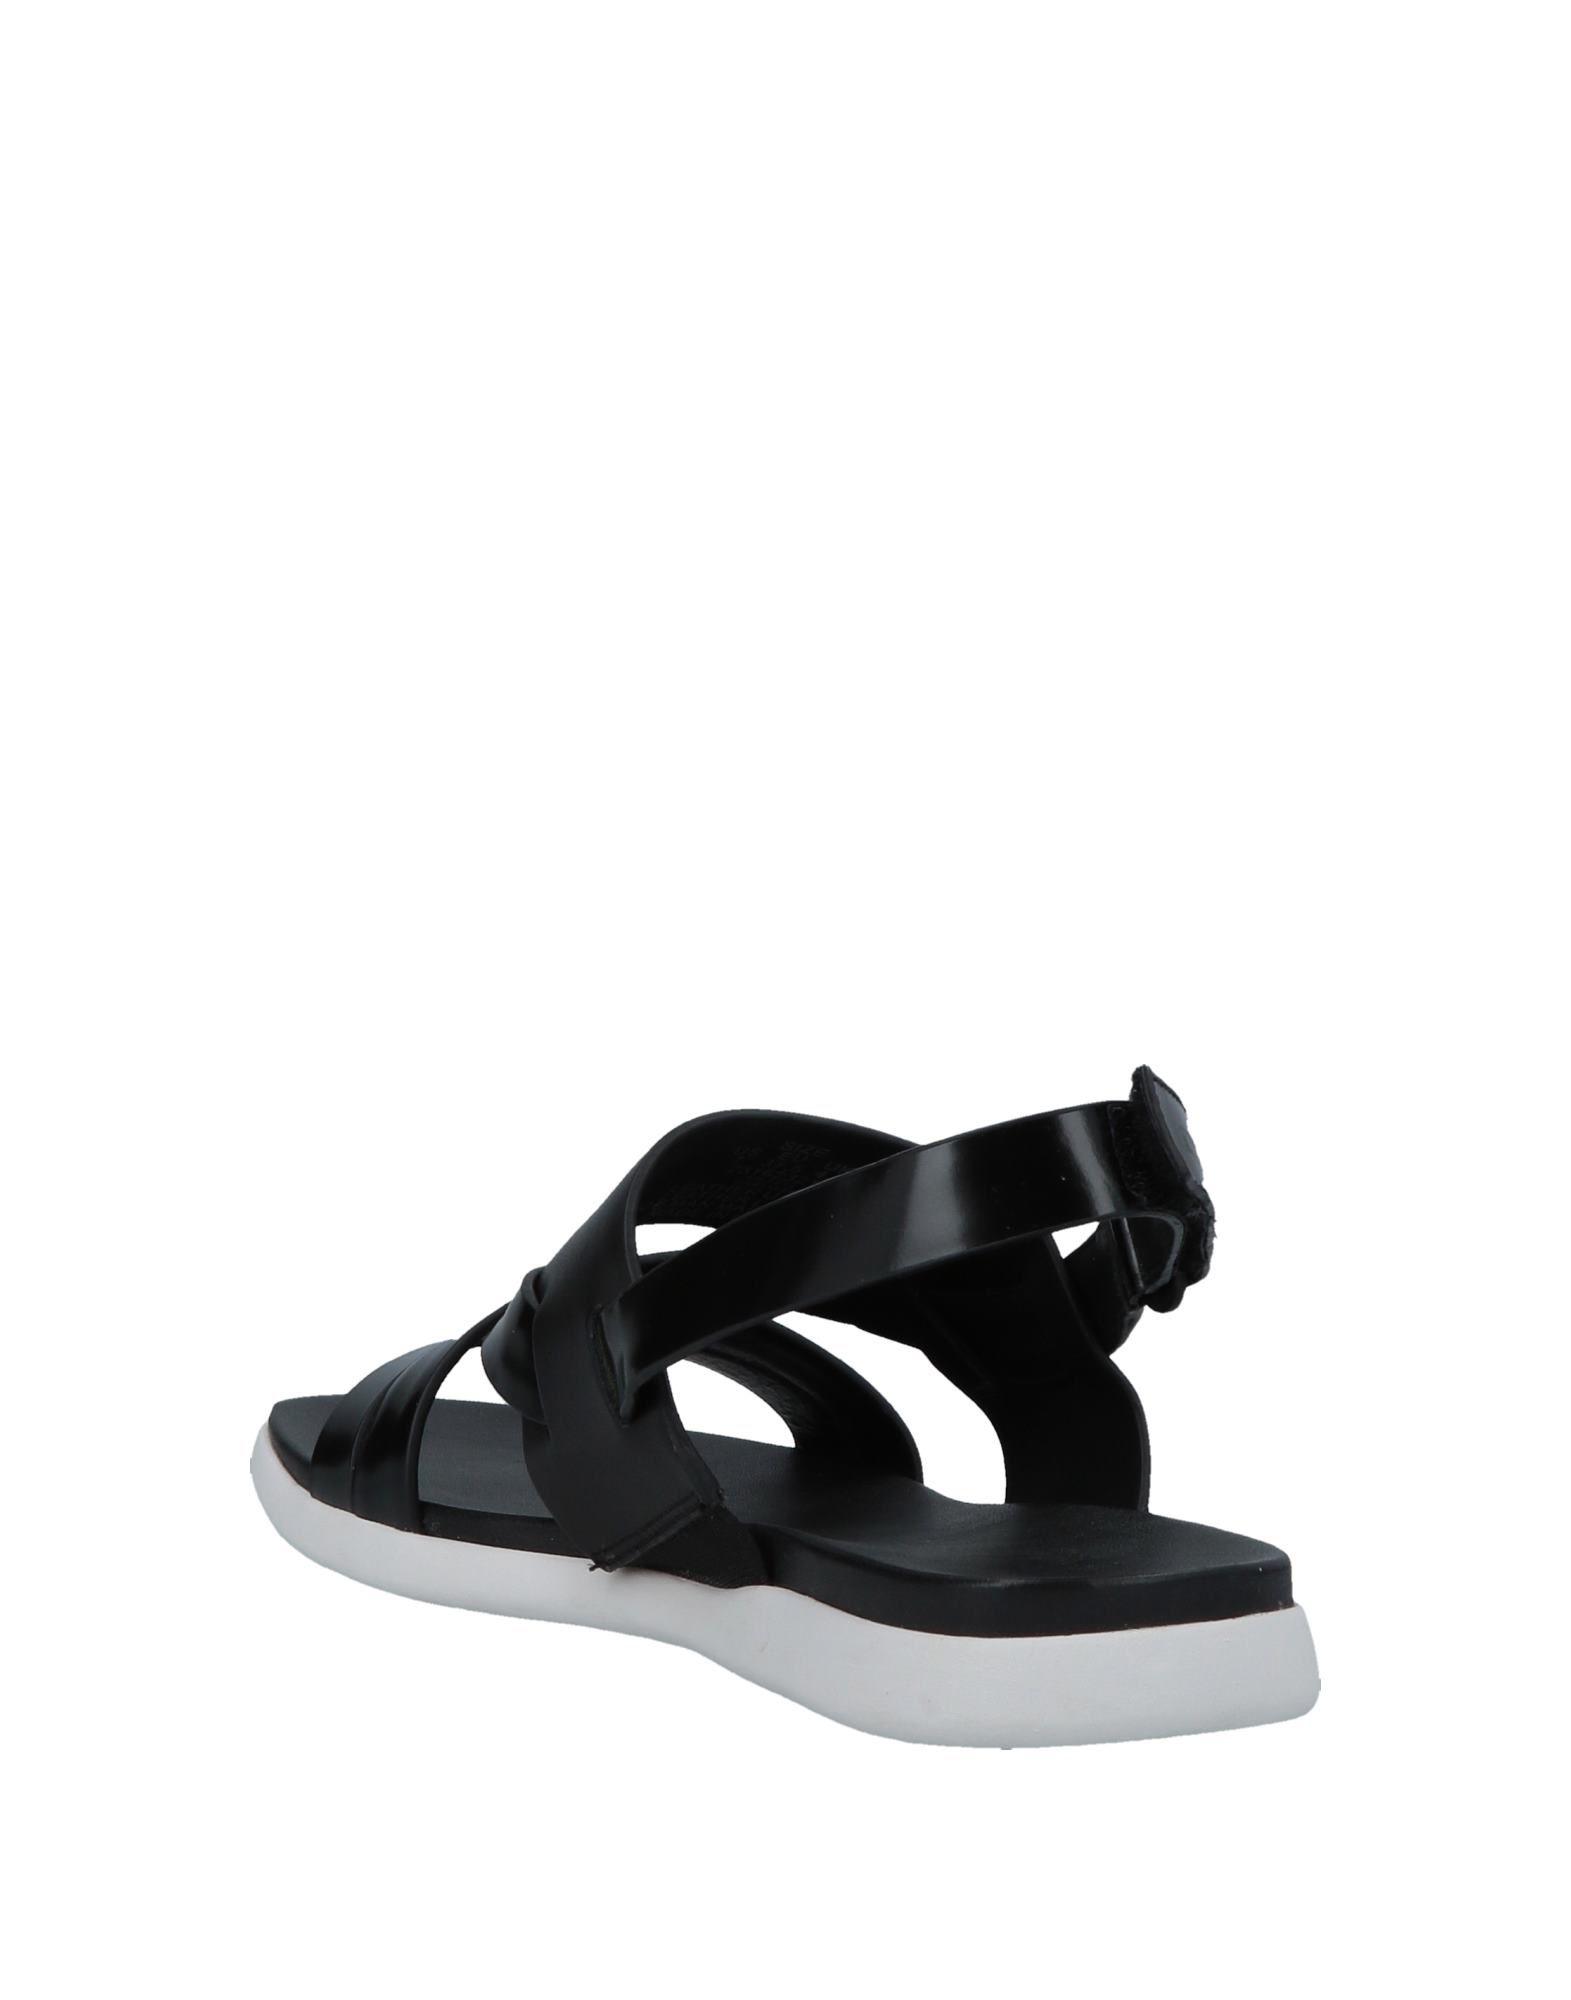 Dkny Sandalen Damen Damen Damen  11610168XK Gute Qualität beliebte Schuhe 59d15e